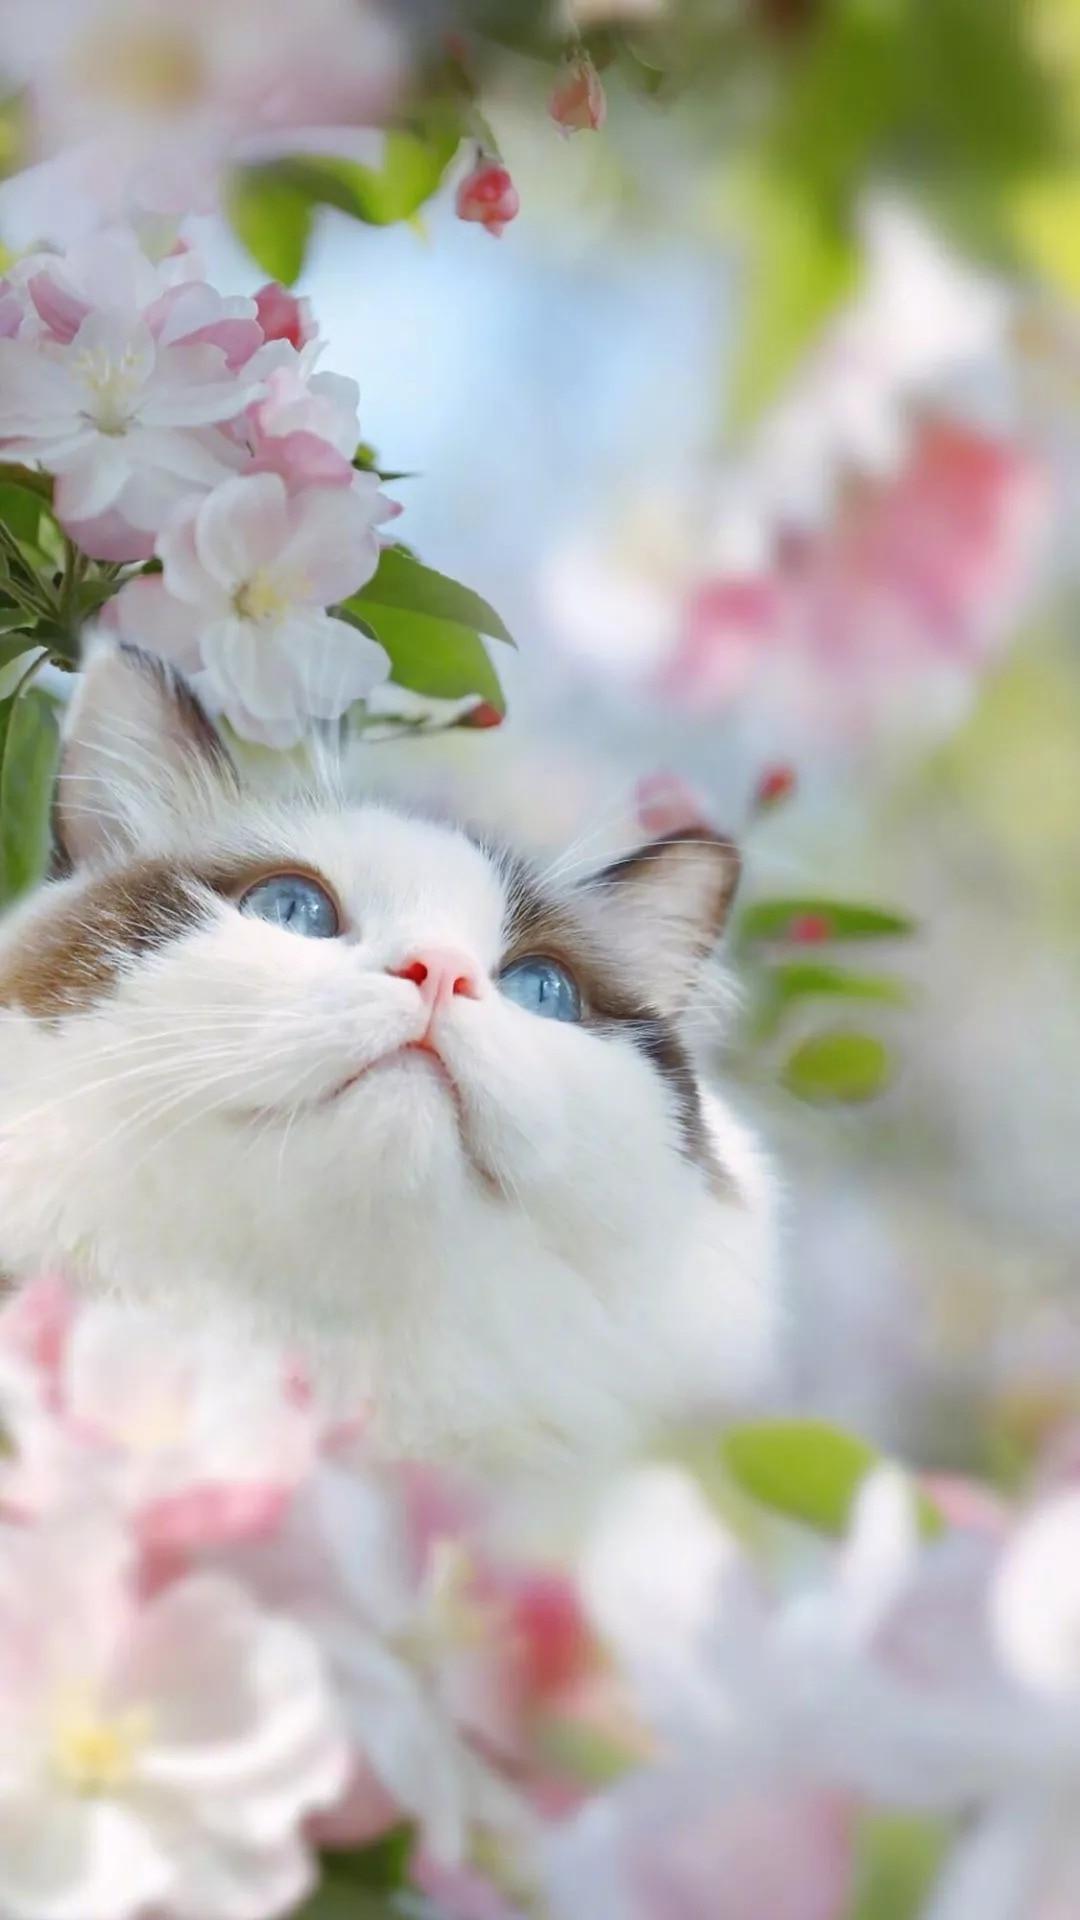 猫片壁纸 :生活不断拍打我们的脸皮,最后不是脸皮厚了,是肿了!插图73